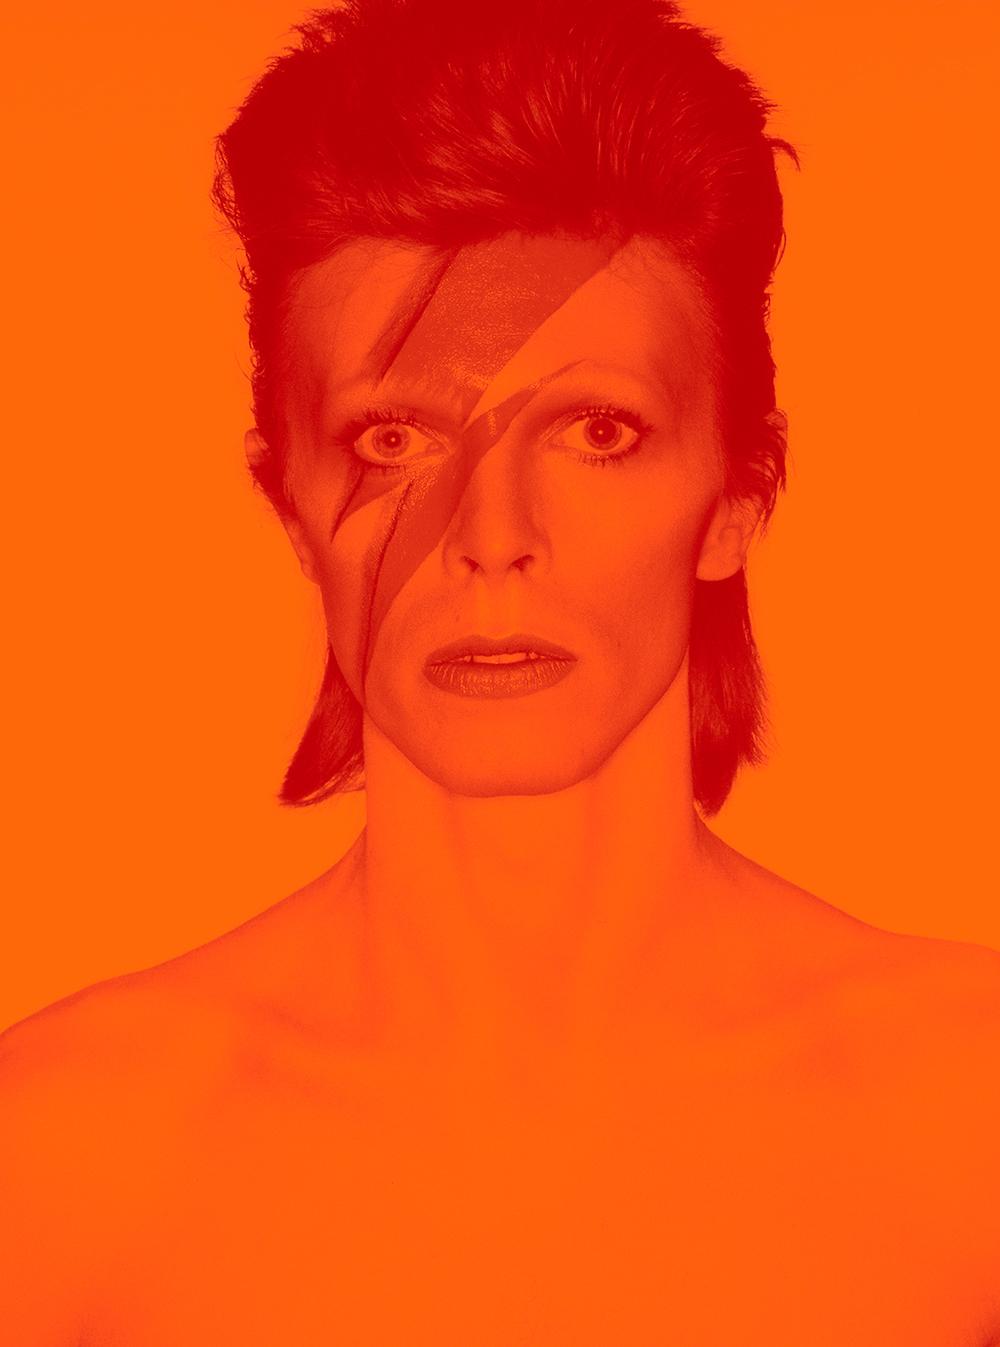 7ème jour - Avant de prendre l'avion, le soir-même, allons visiter le Brooklyn Museum, qui accueille l'exposition «Radical Women: Latin American Art, 1960–1985 » et surtout «David Bowie is », après ses passages triomphaux à Londres puis à Paris, qui retrace sa vie,de son enfance en Angleterre aux derniers années à New York. Elle regorge d'environ quatre cents objets ayant appartenu à l'artiste, comme ses costumes de scène, ses manuscrits raturés de ses chansons célèbres, ses photographies et des vidéos rares…